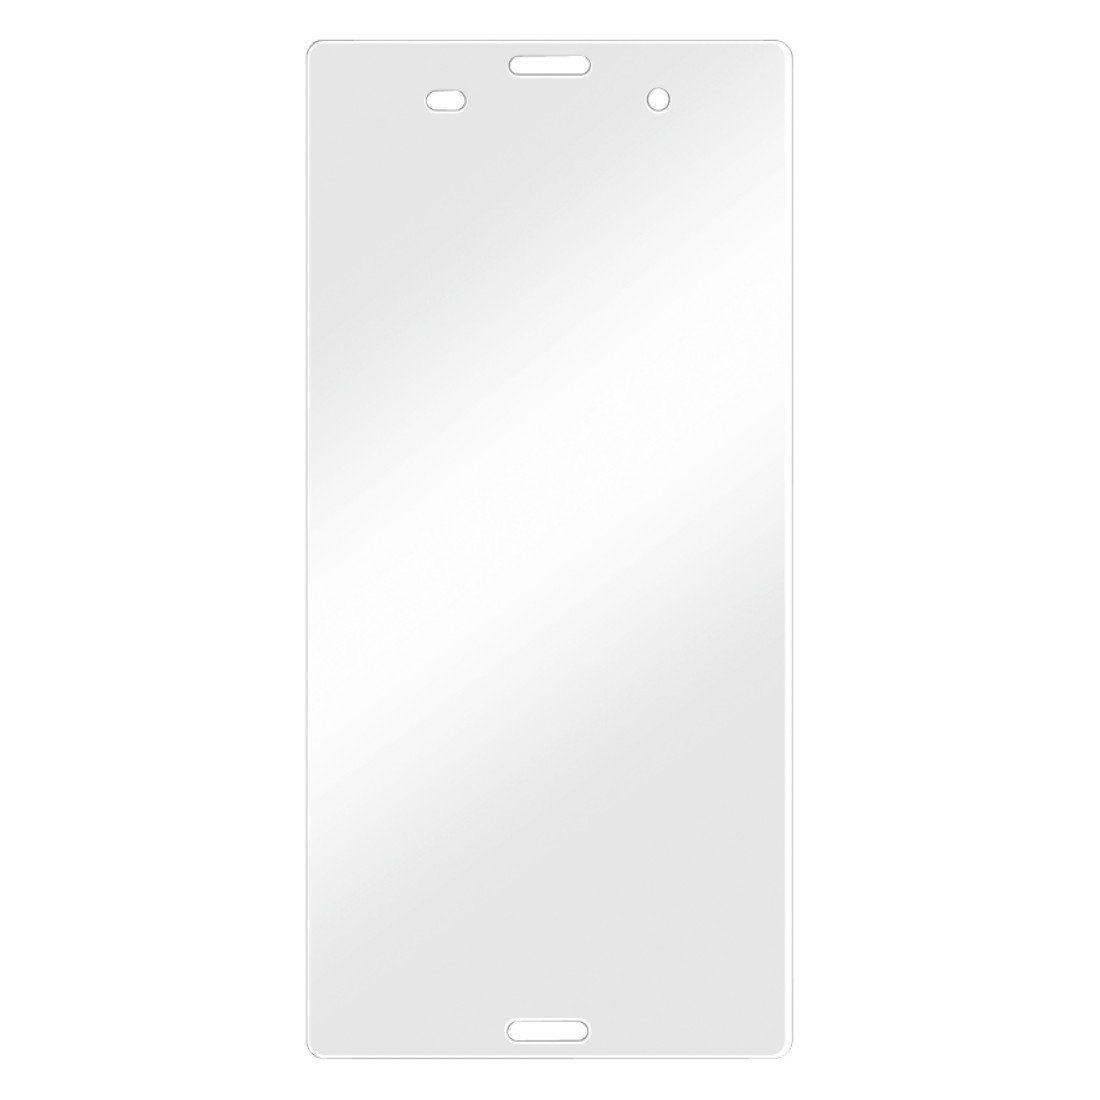 Hama Displayschutzfolie für Sony Xperia Z3, 2er Set »Displayschutz Schutzfolie«